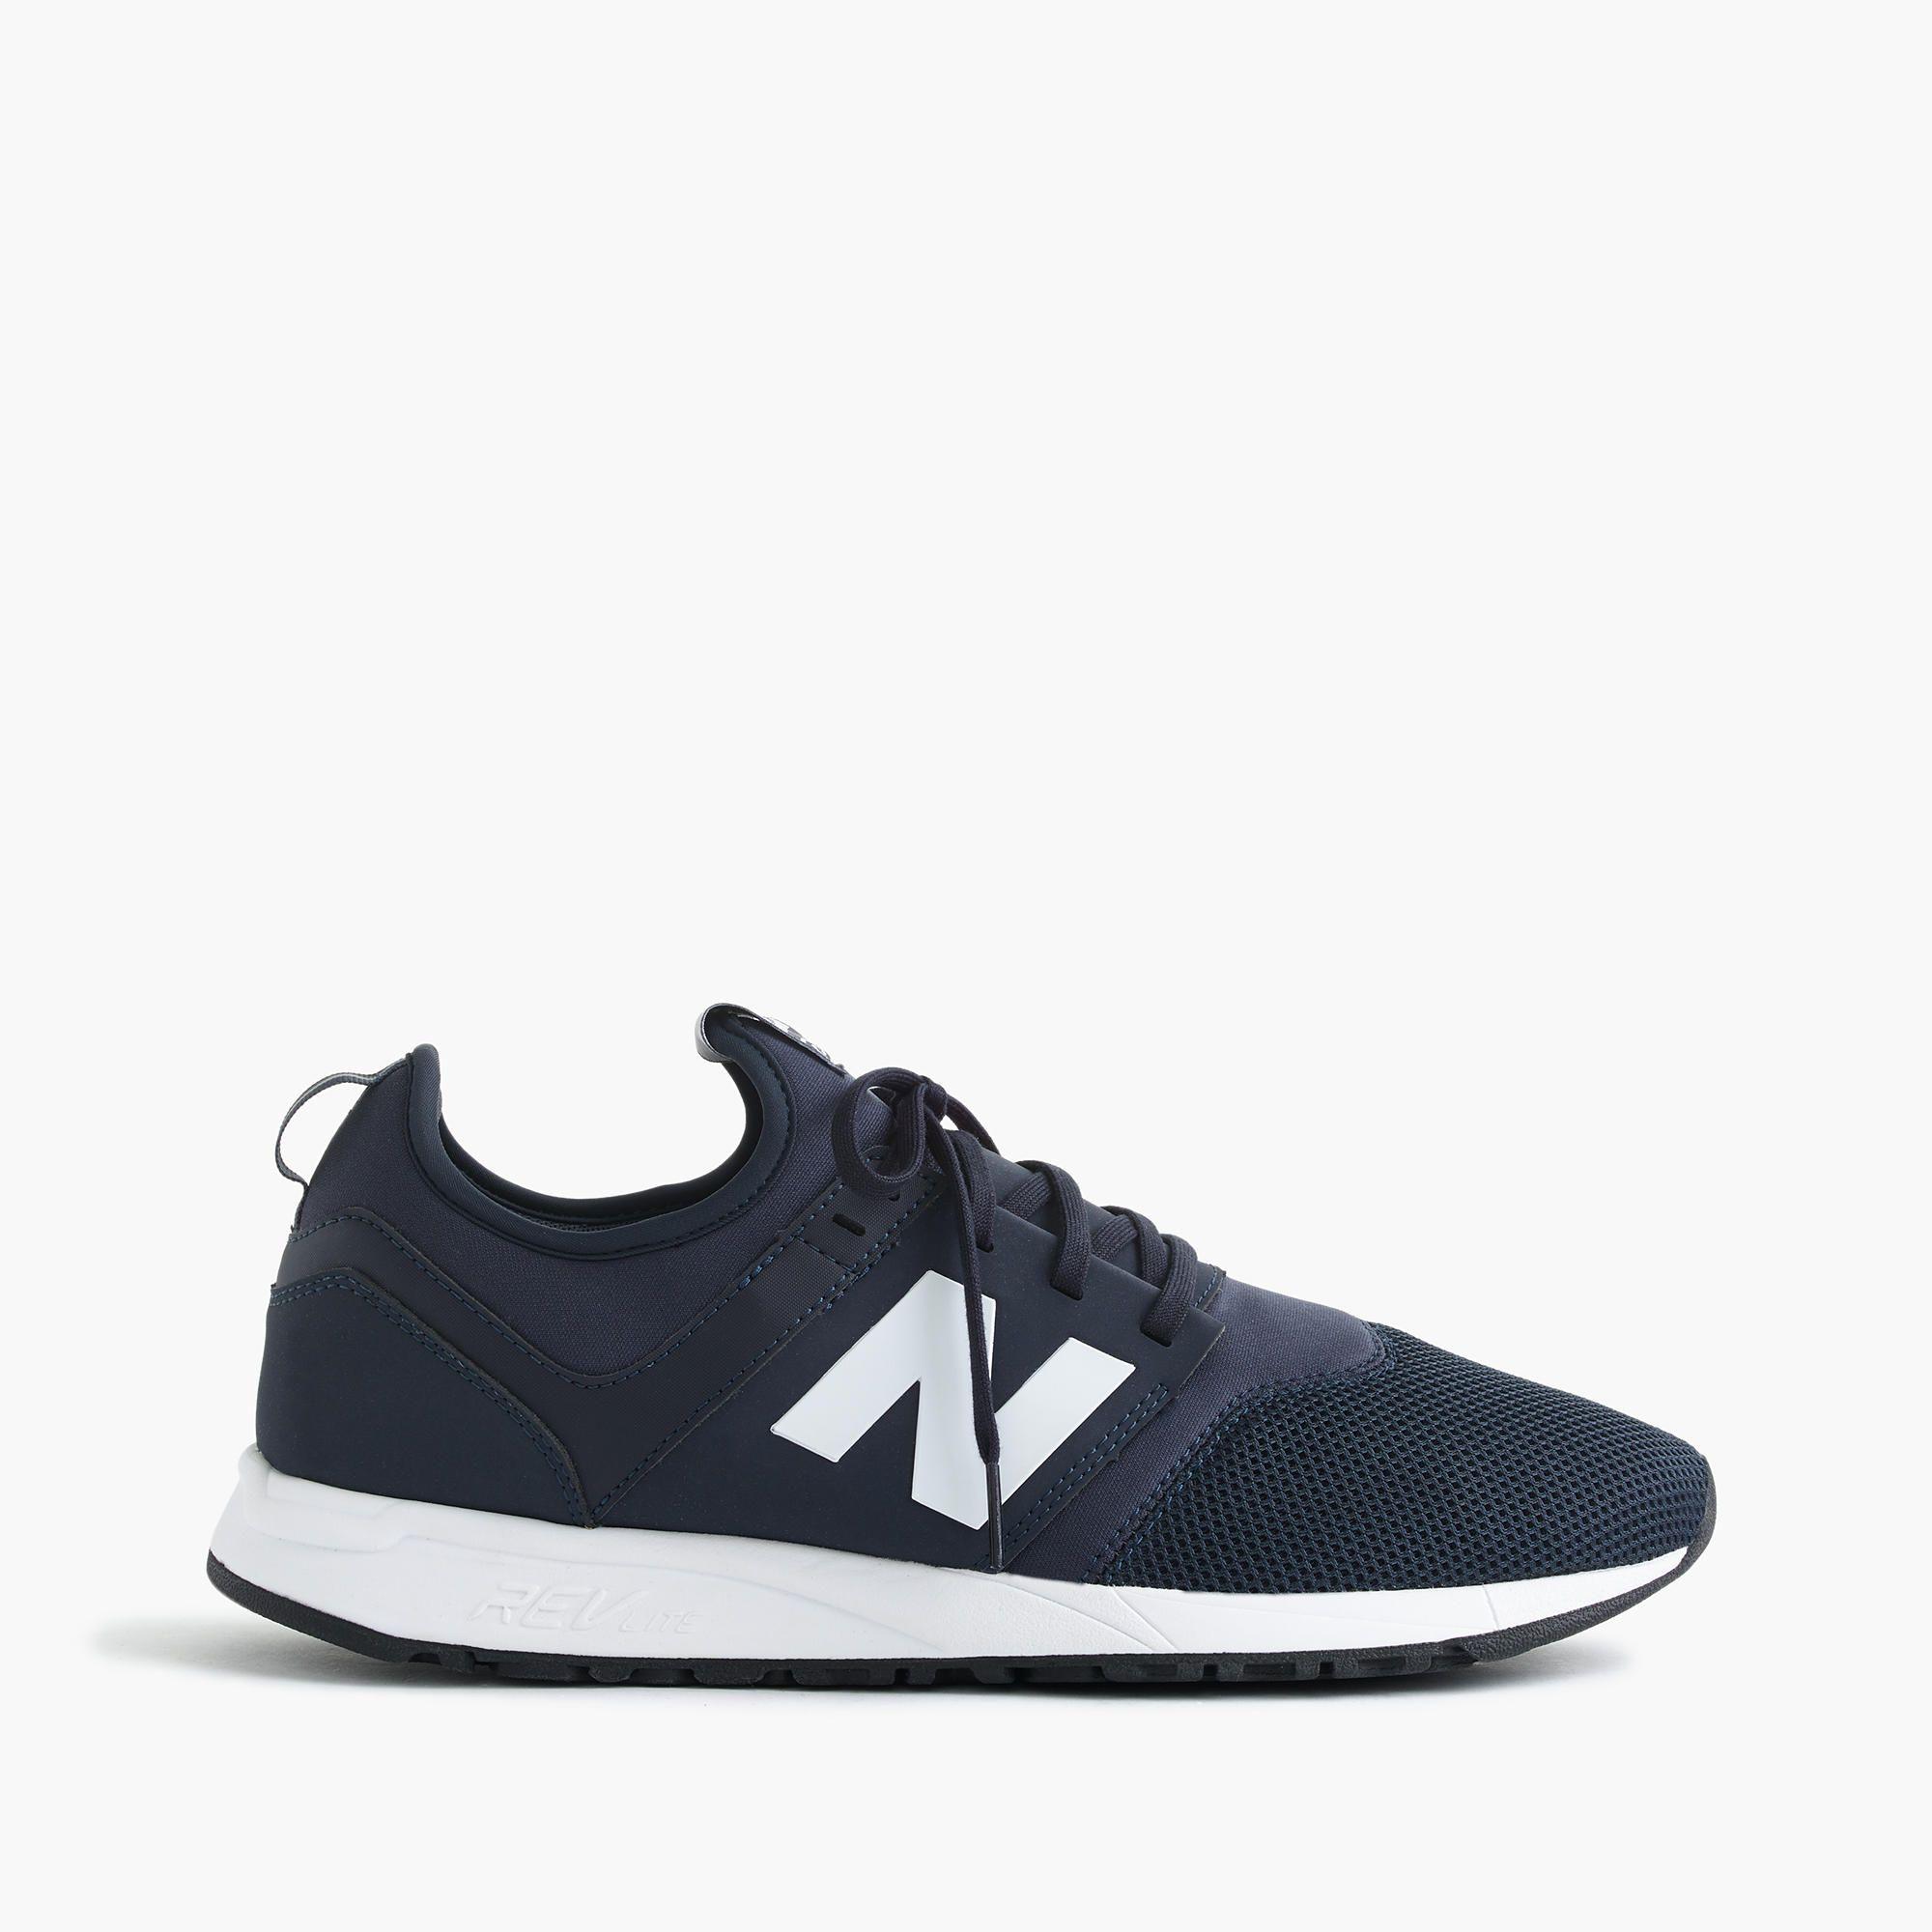 New Balance 40v1 Popular